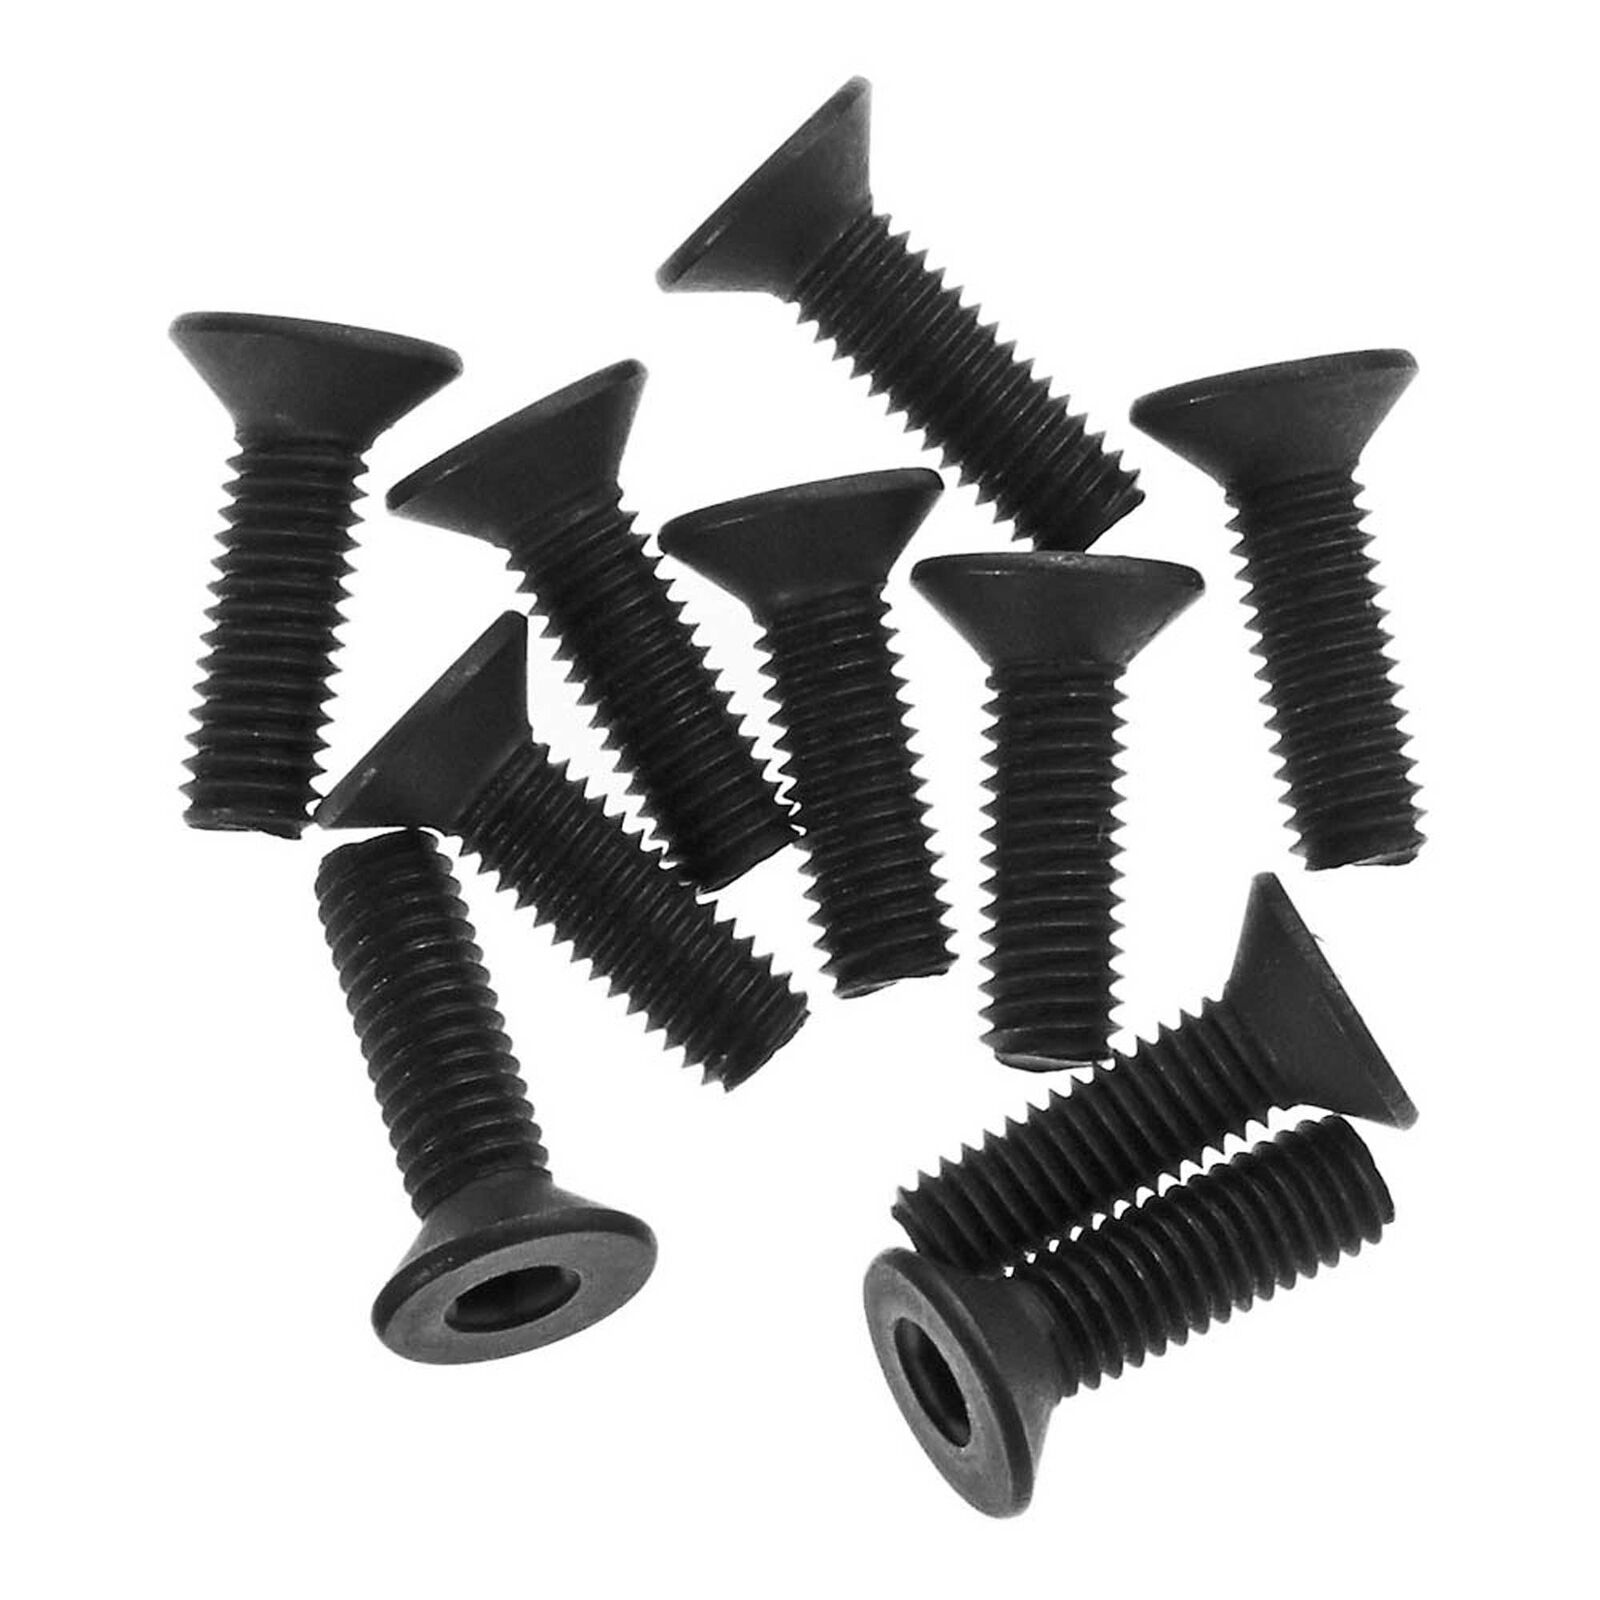 Hex Socket Flat Head 3x10mm (10)